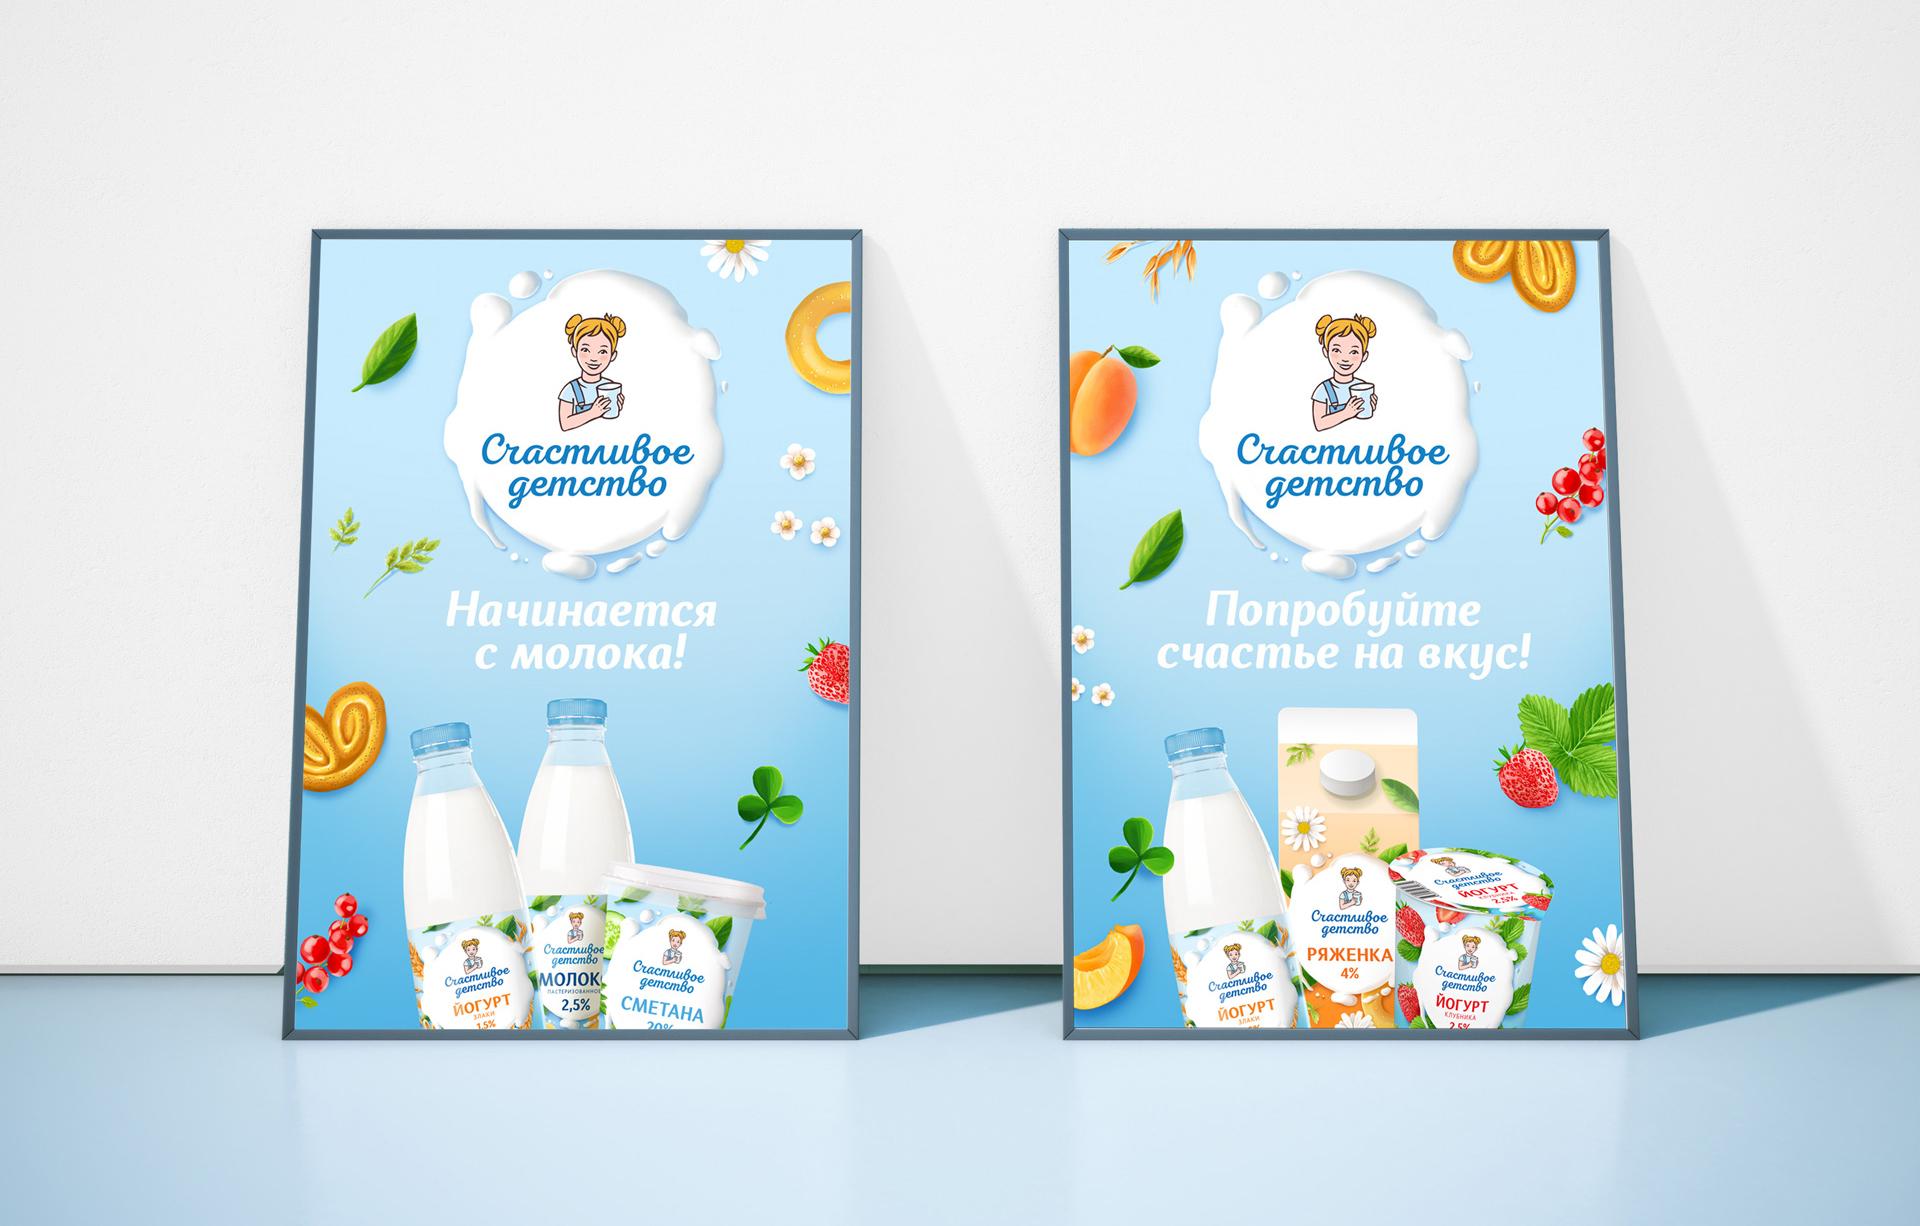 Рекламные коммуникации и дизайн рекламы «Счастливое детство» раскрывают позиционирование и способствуют эффективному продвижению бренда